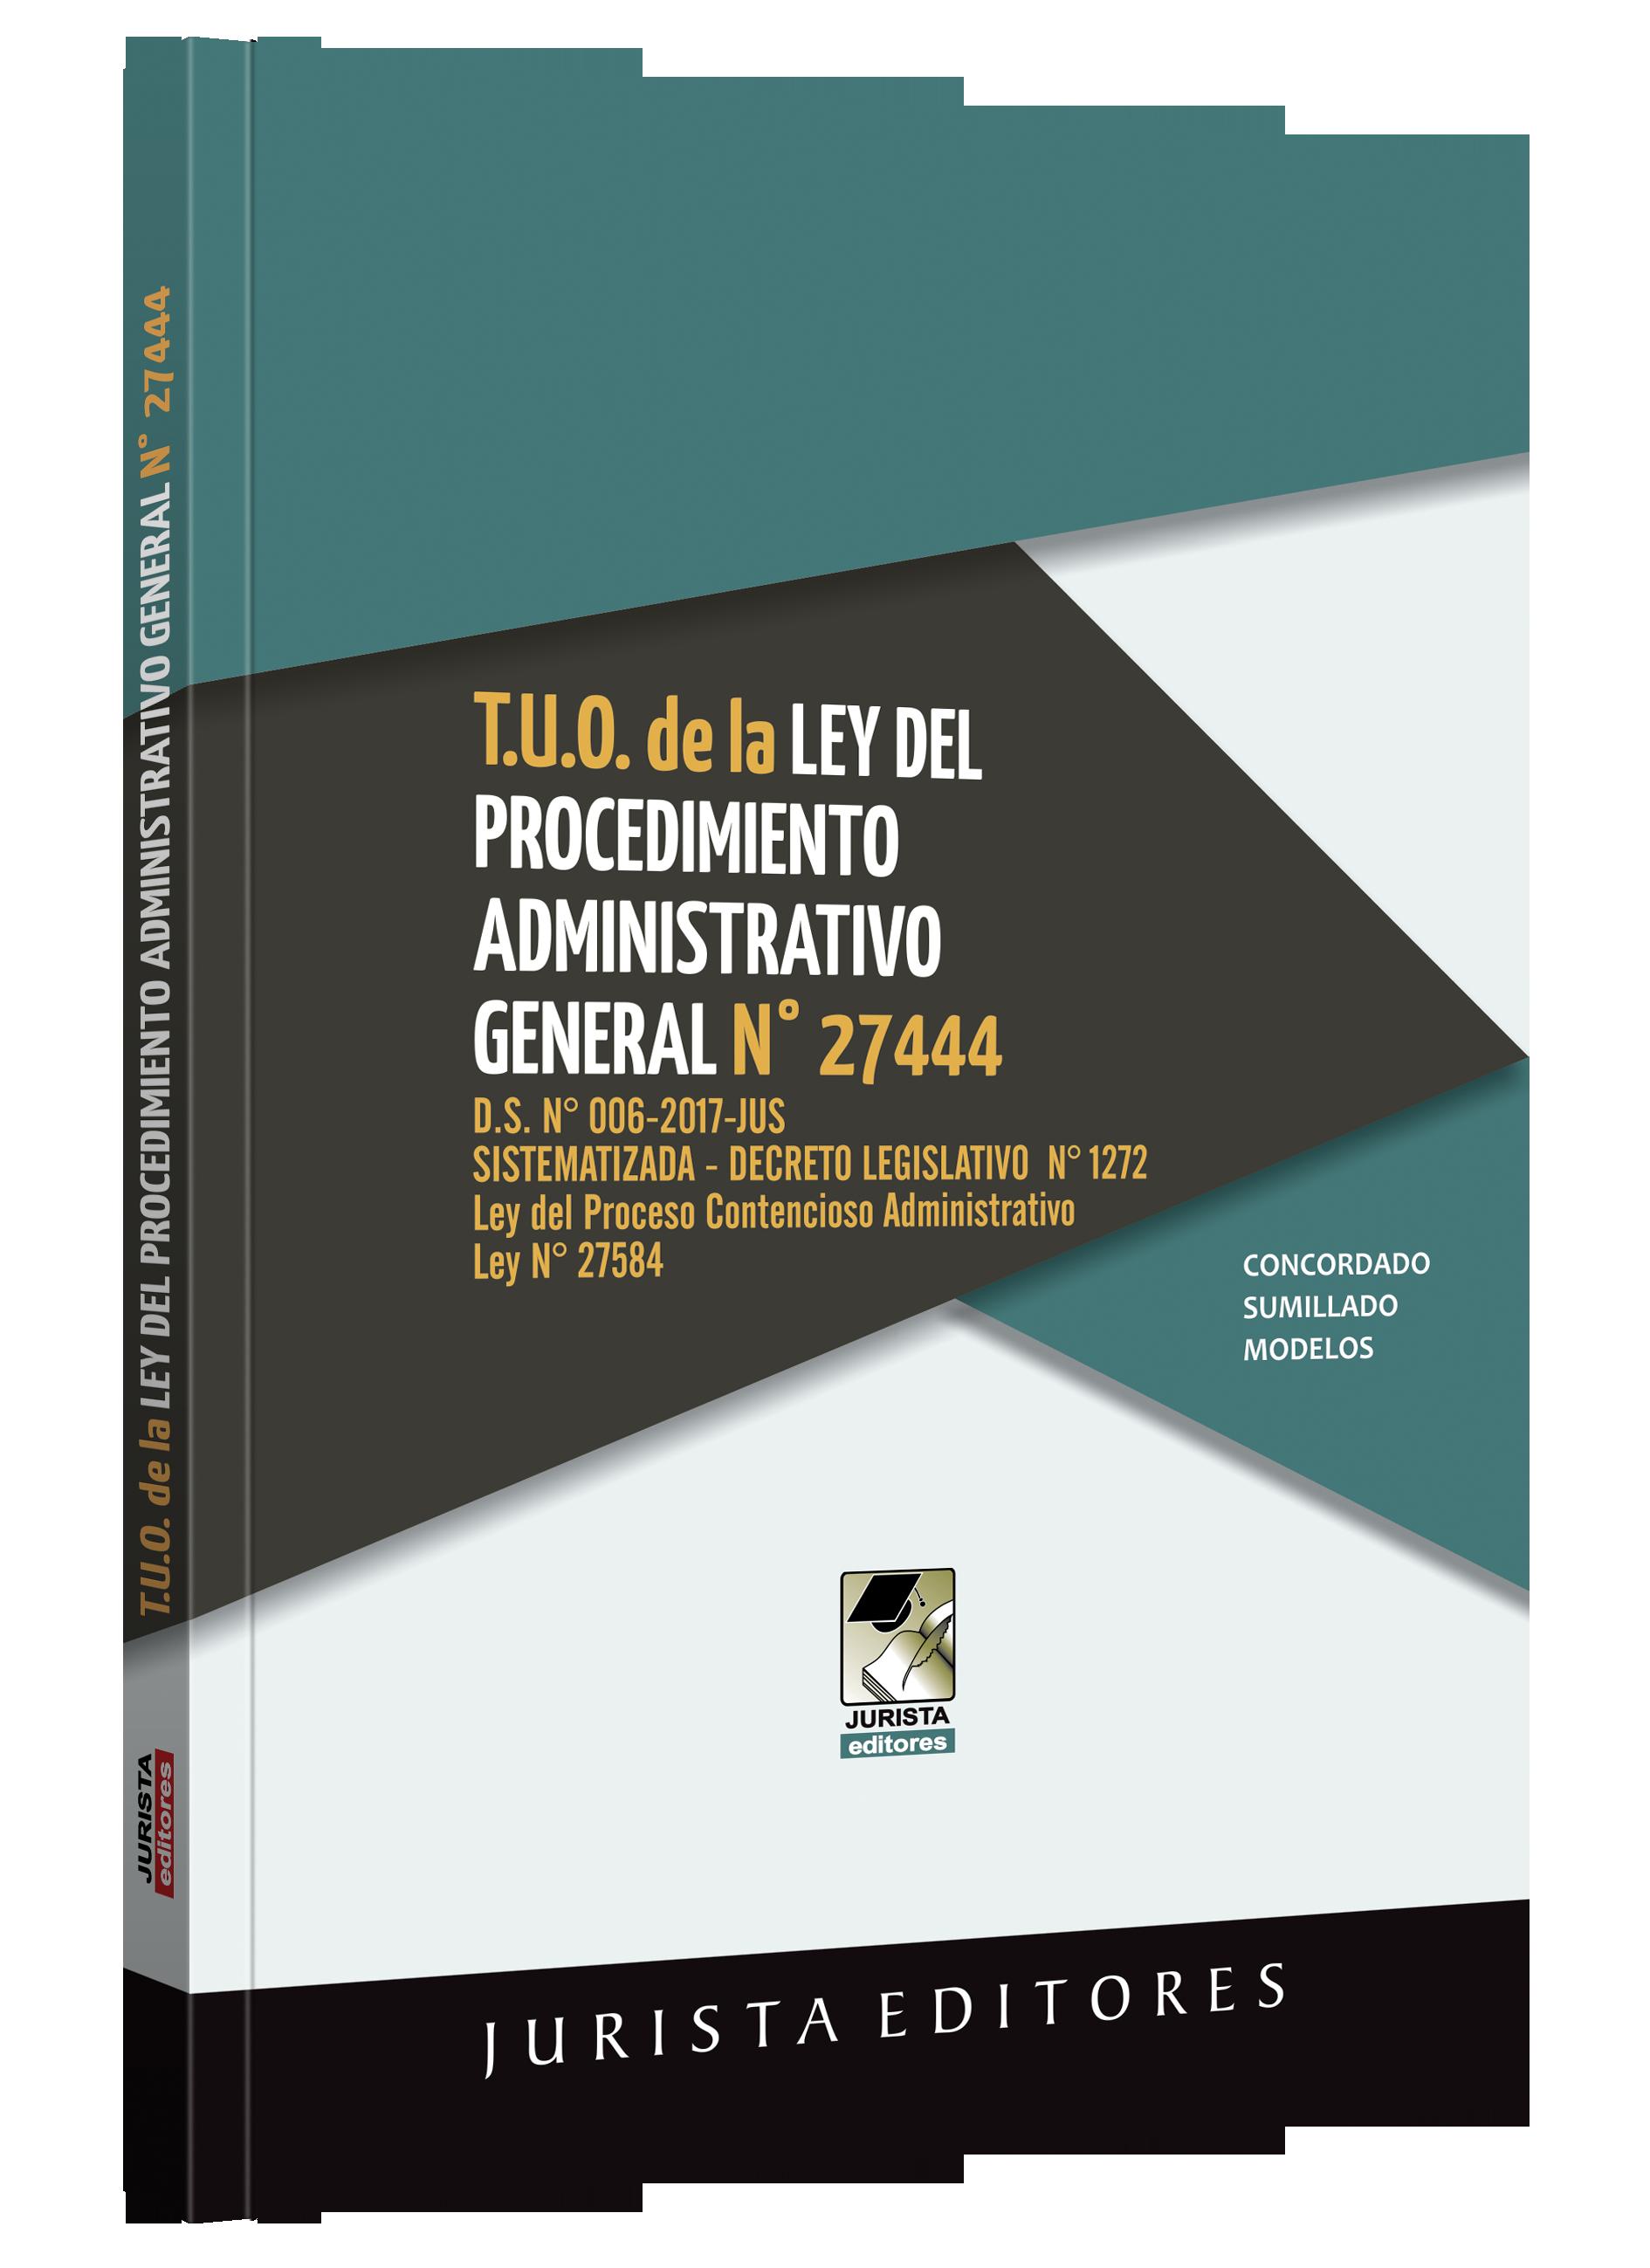 T.U.O De La Ley N° 27444 Del Procedimiento Administrativo General